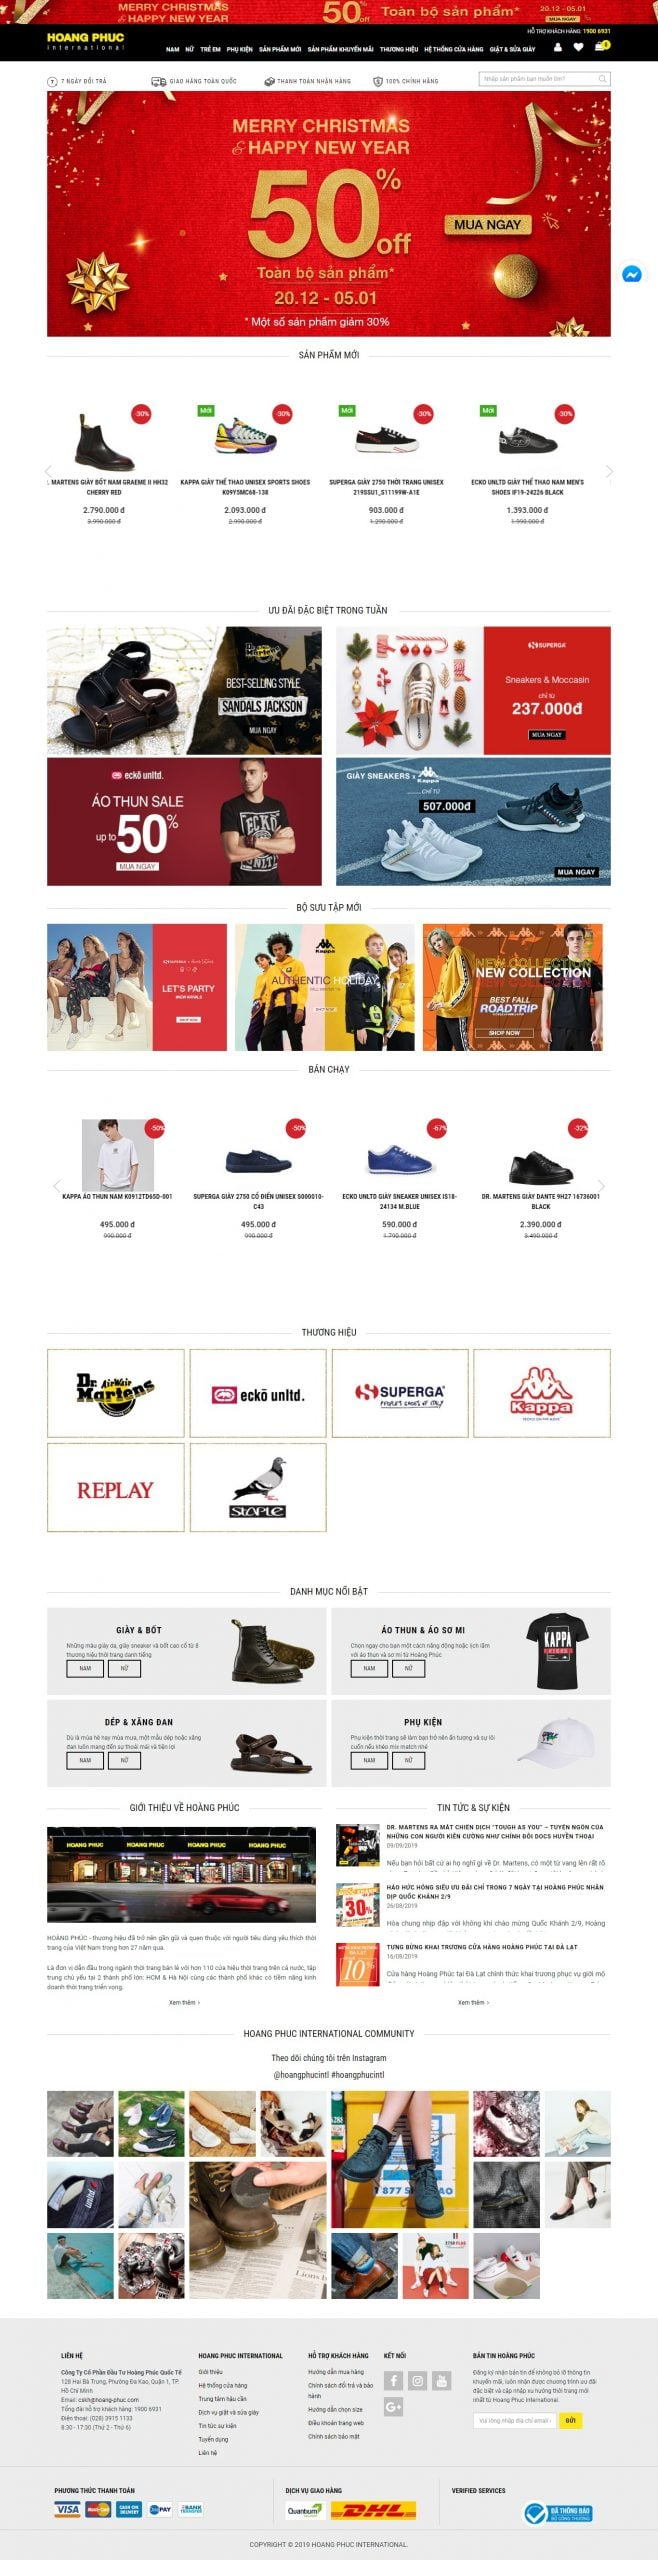 Mẫu thiết kế website bán hàng Thời Trang Hàng Hiệu Chính Hãng HOANG PHUC International-hoang-phuc.com